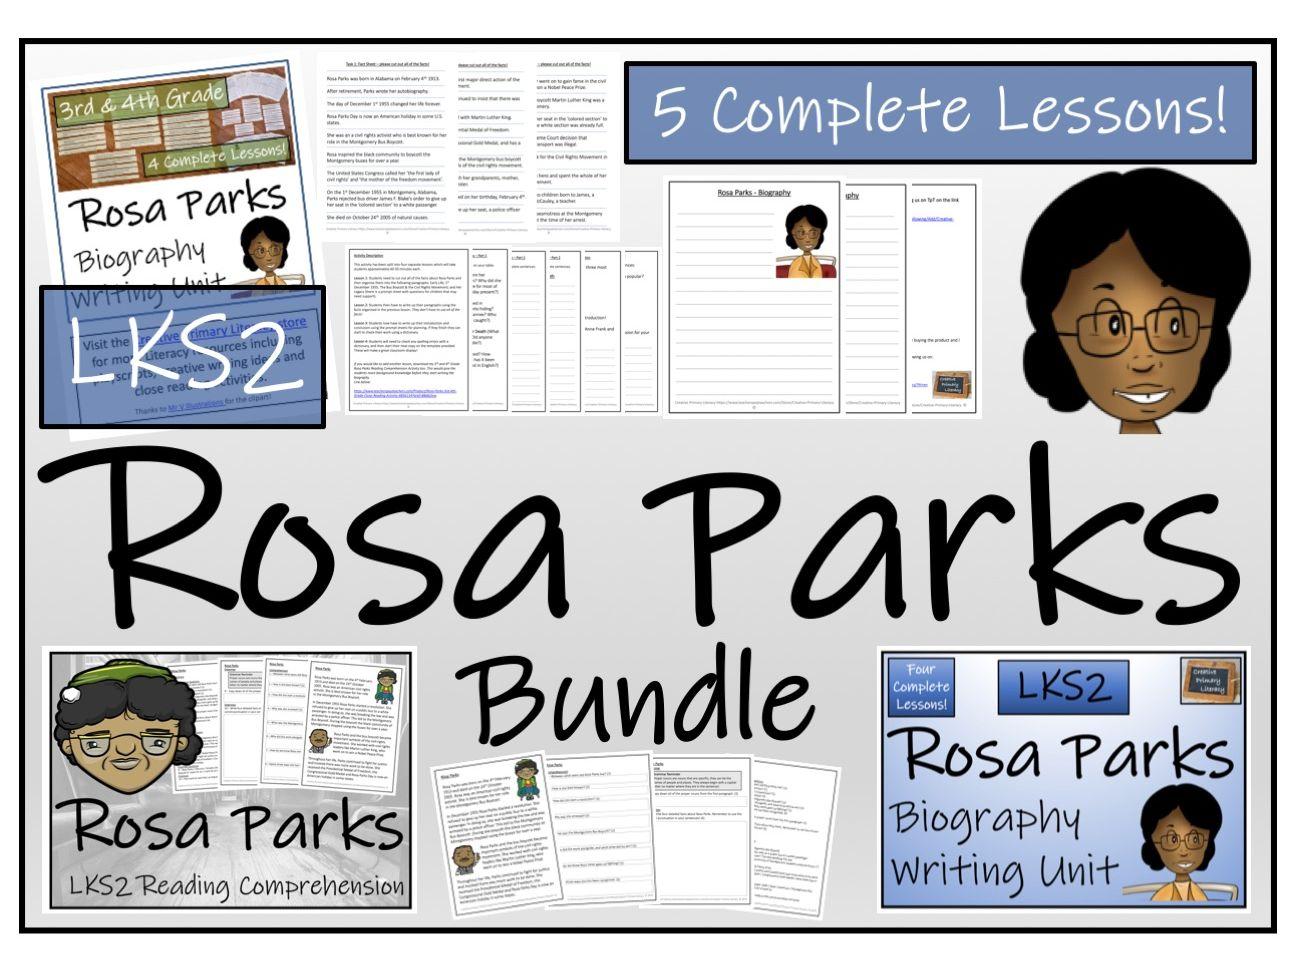 LKS2 History - Rosa Parks Reading Comprehension & Biography Bundle